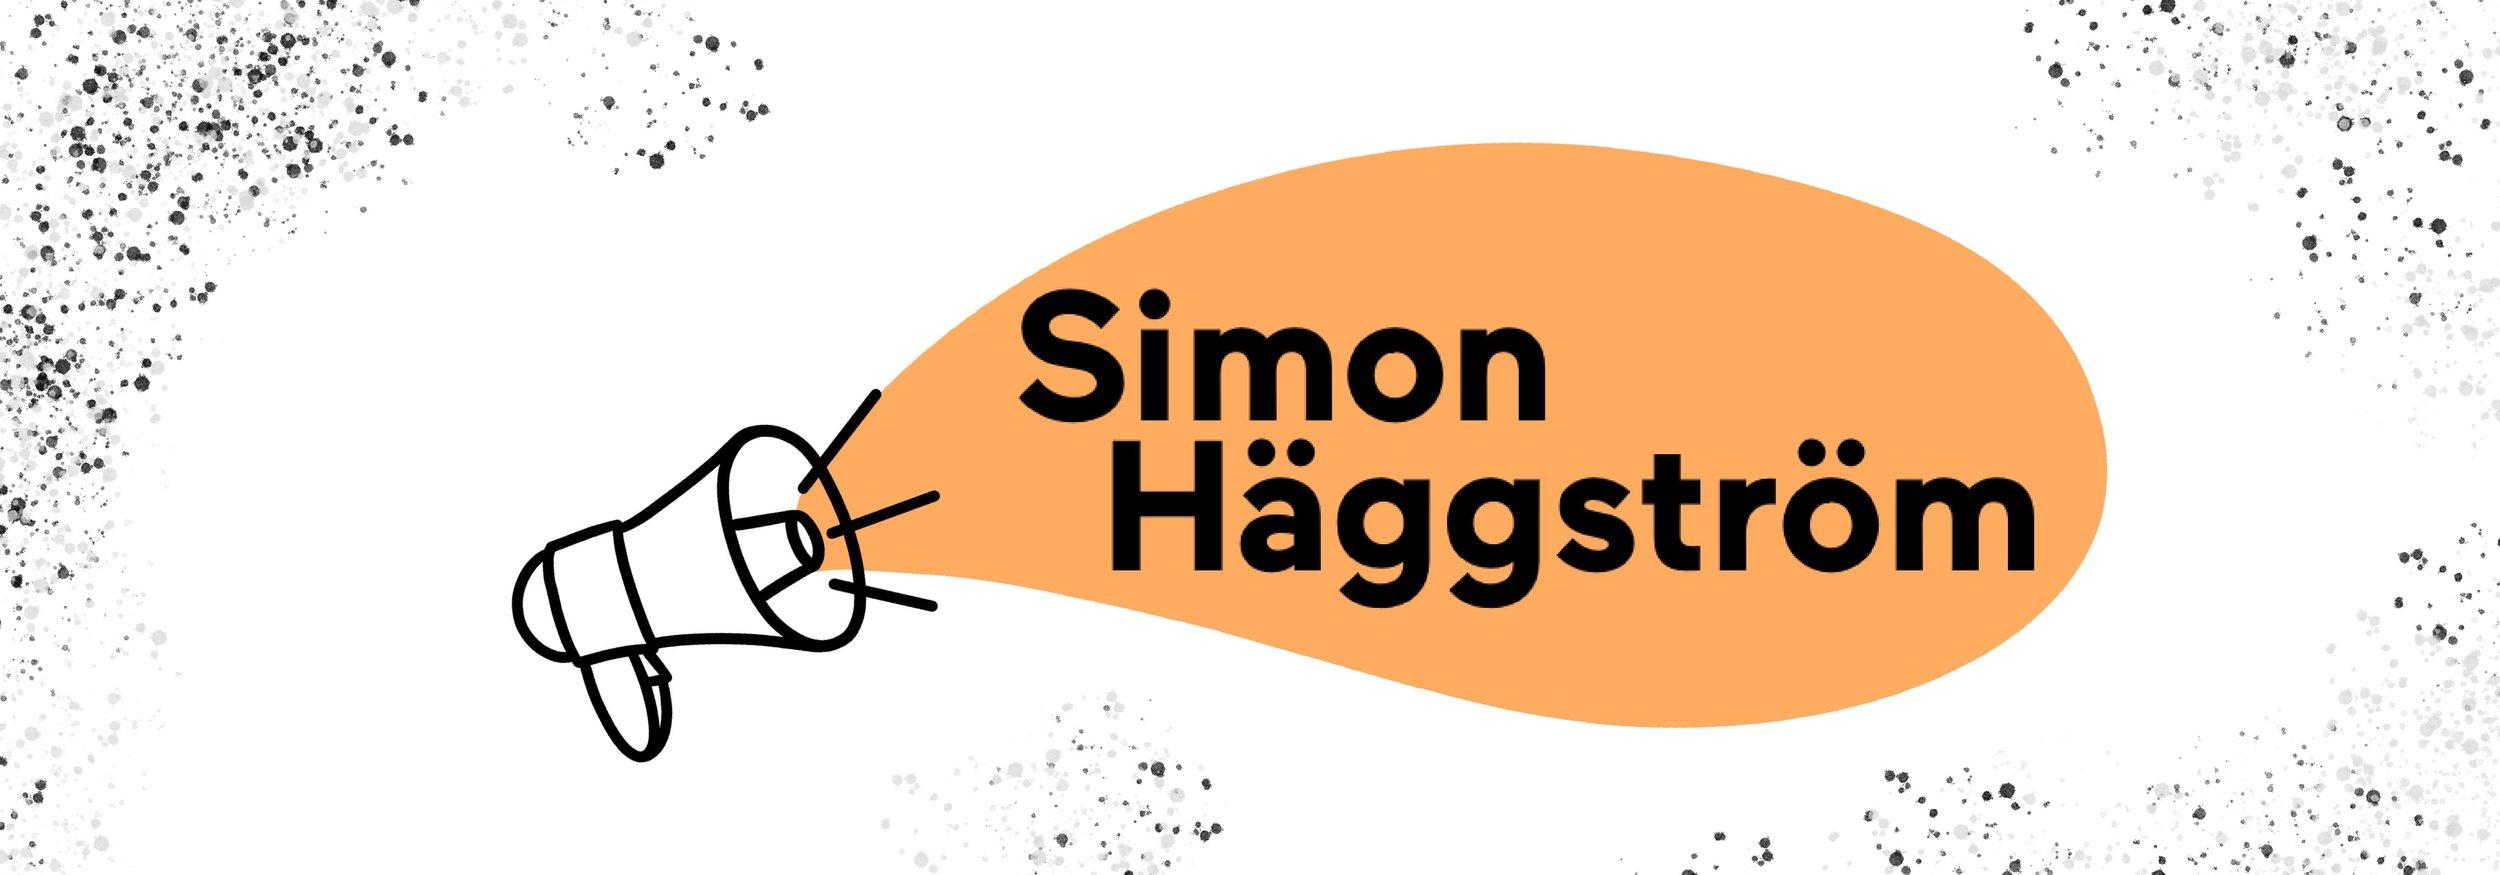 Simon_Häggström.jpg